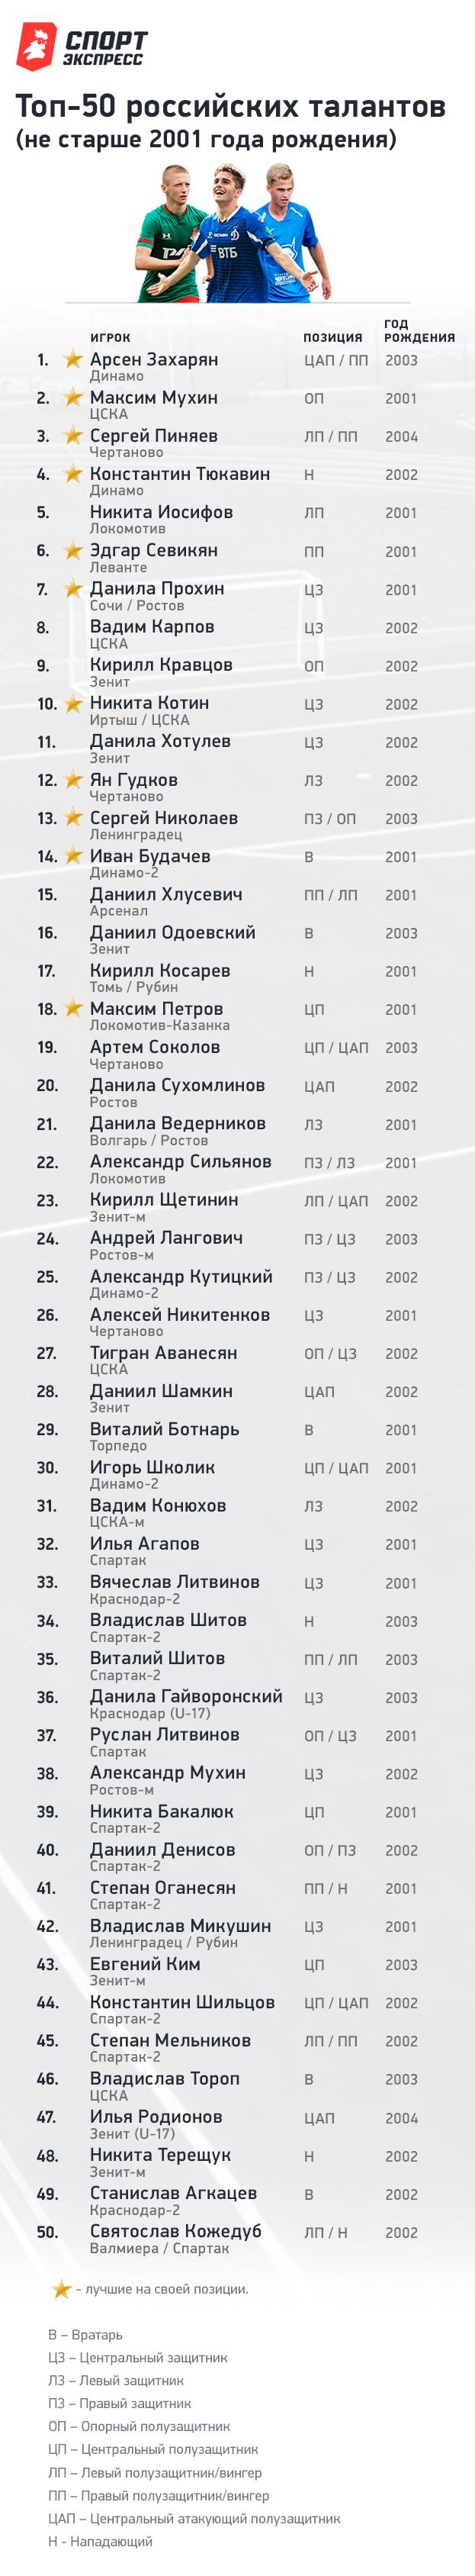 Лучшие таланты России: Захарян, Мухин, Пиняев идругие. Уникальный рейтинг «СЭ»